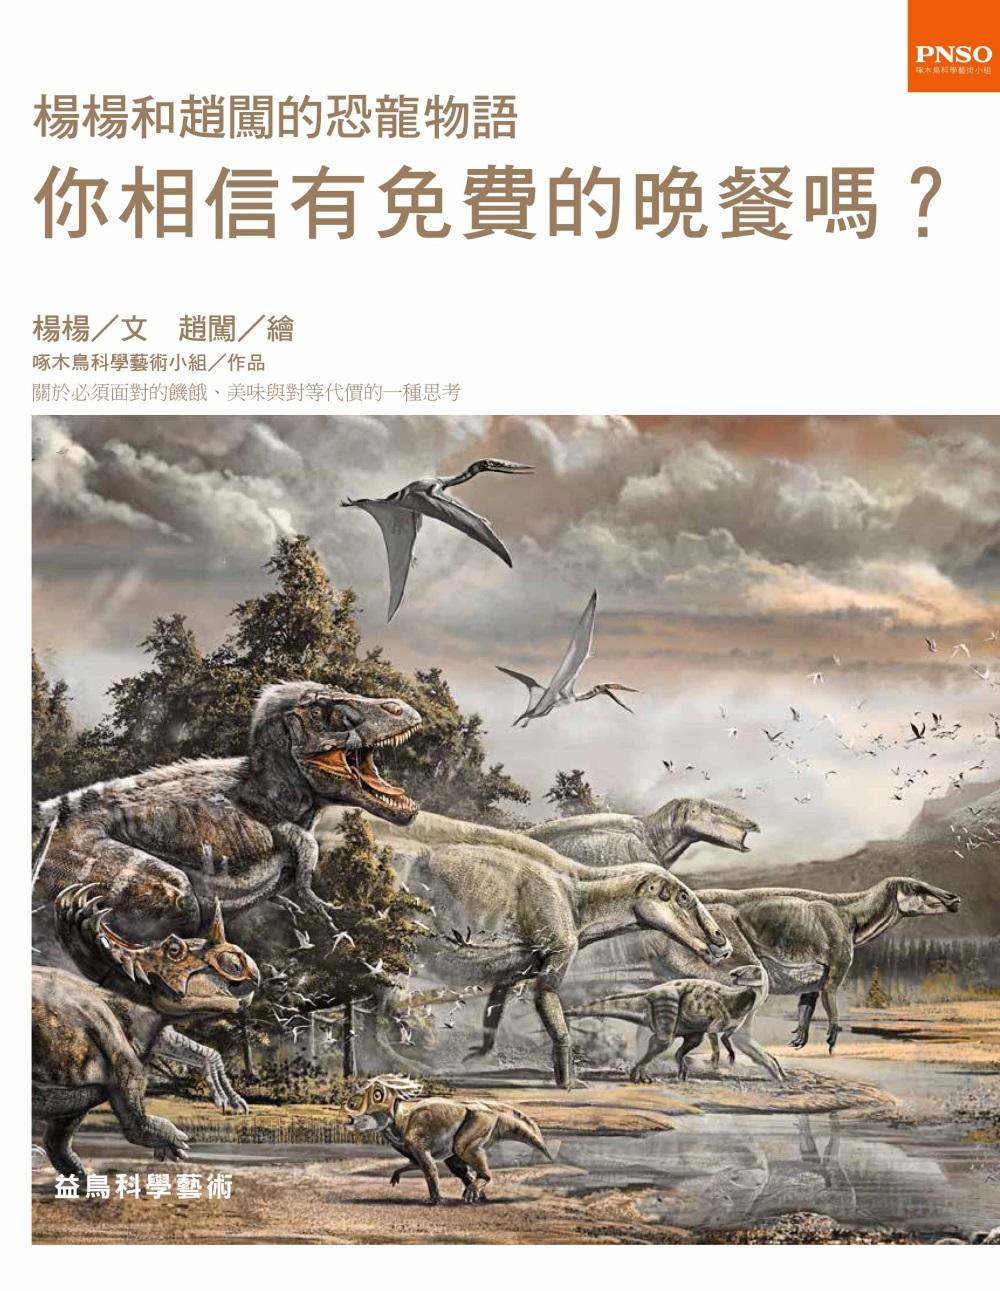 楊楊和趙闖的恐龍物語:你相信有免費的晚餐嗎?